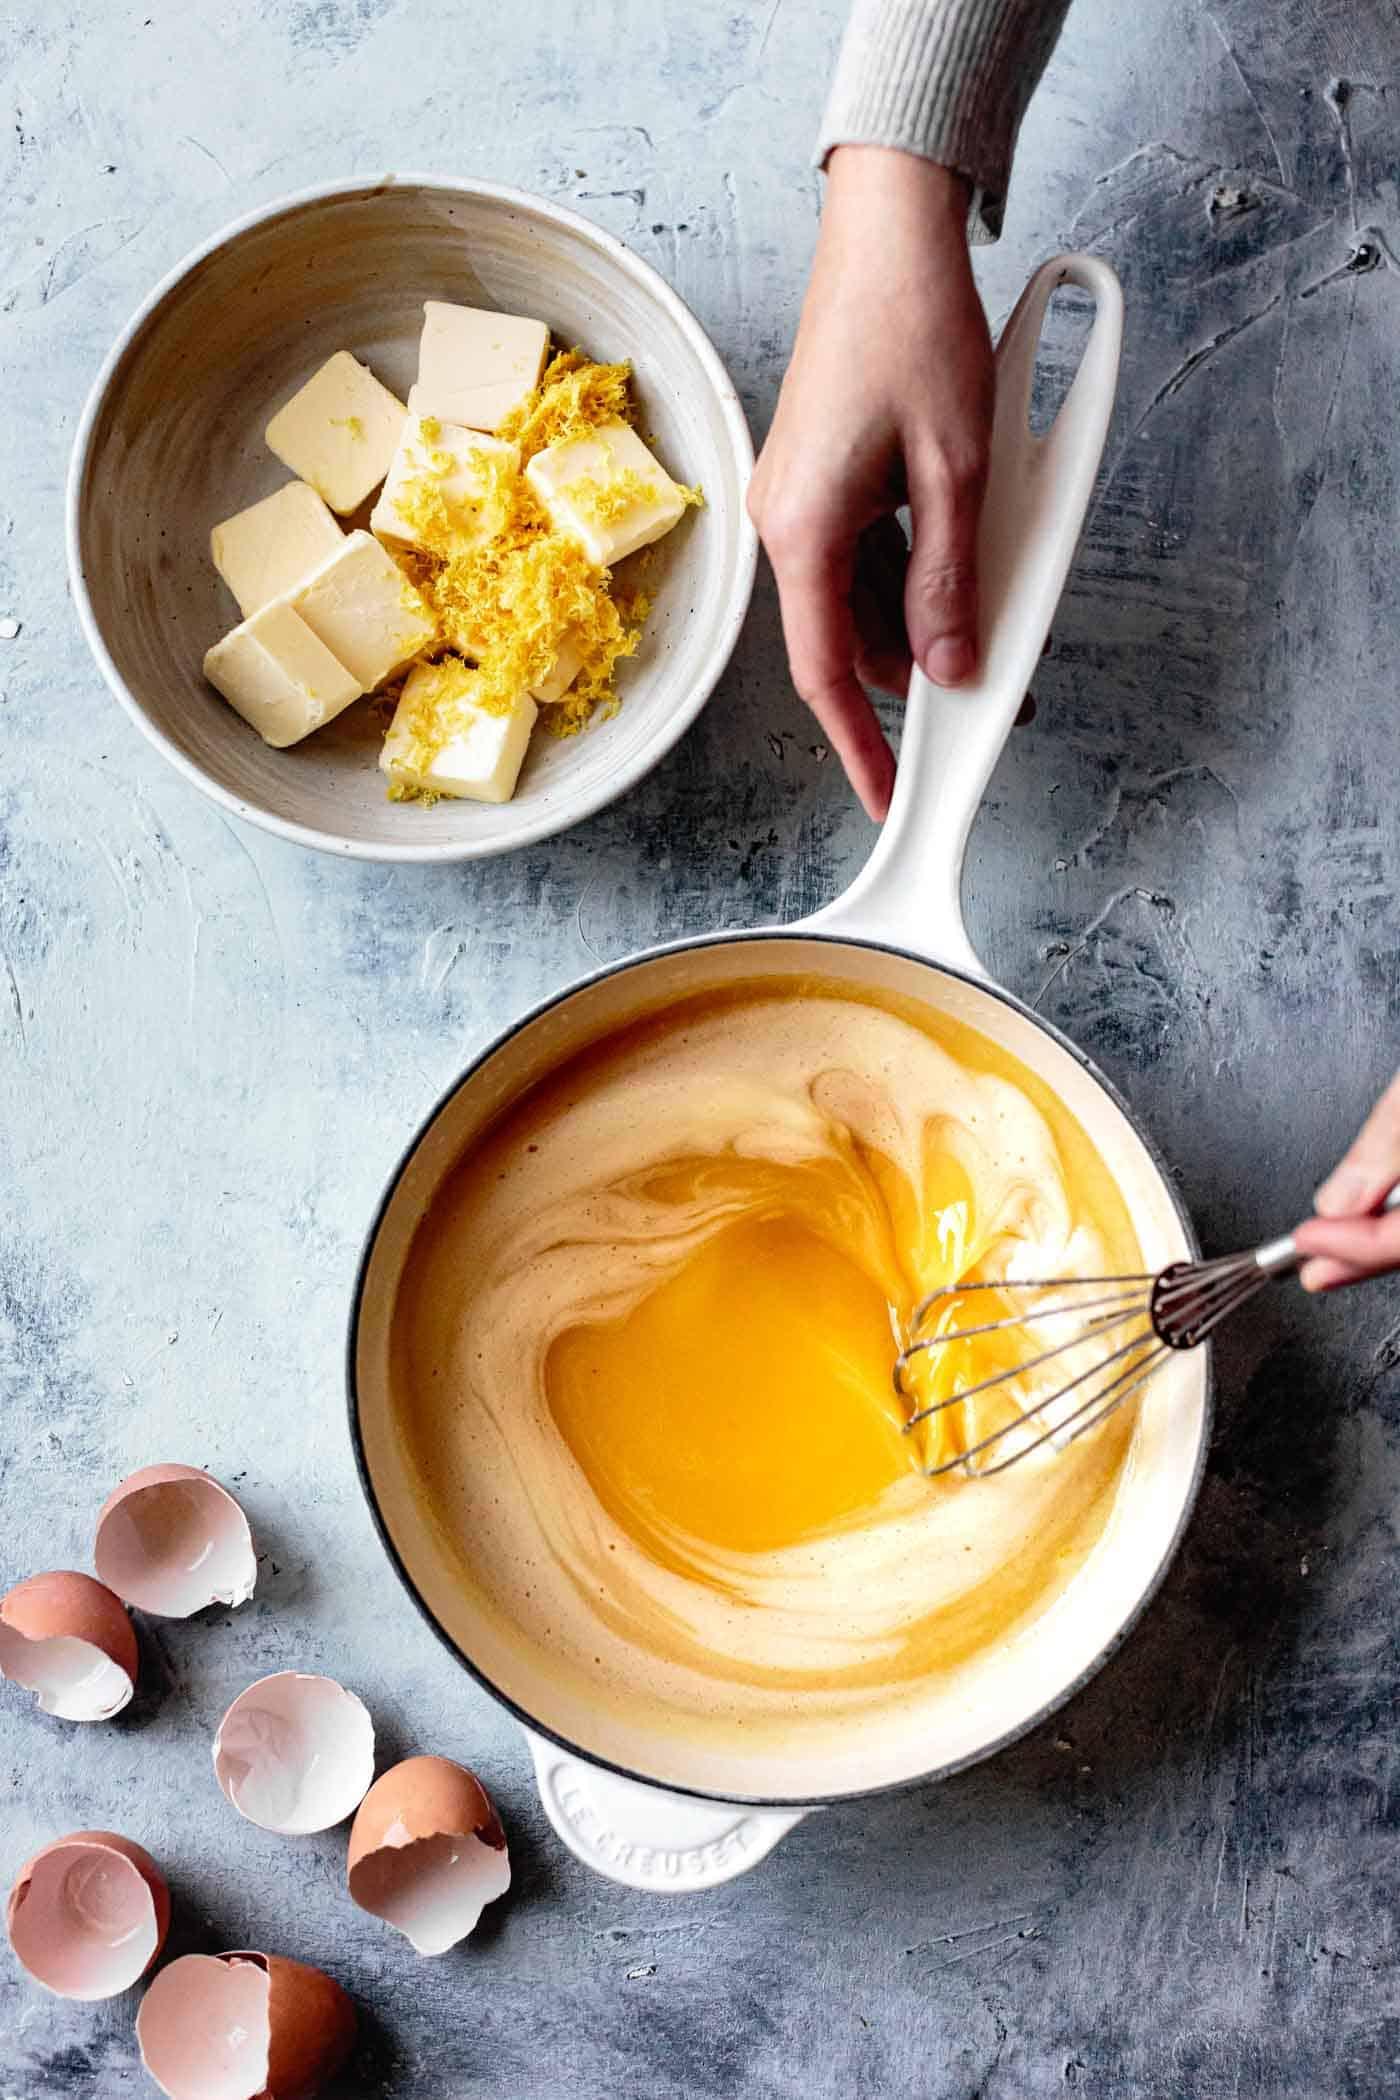 Making lemon curd for gluten free lemon bars almond flour crust